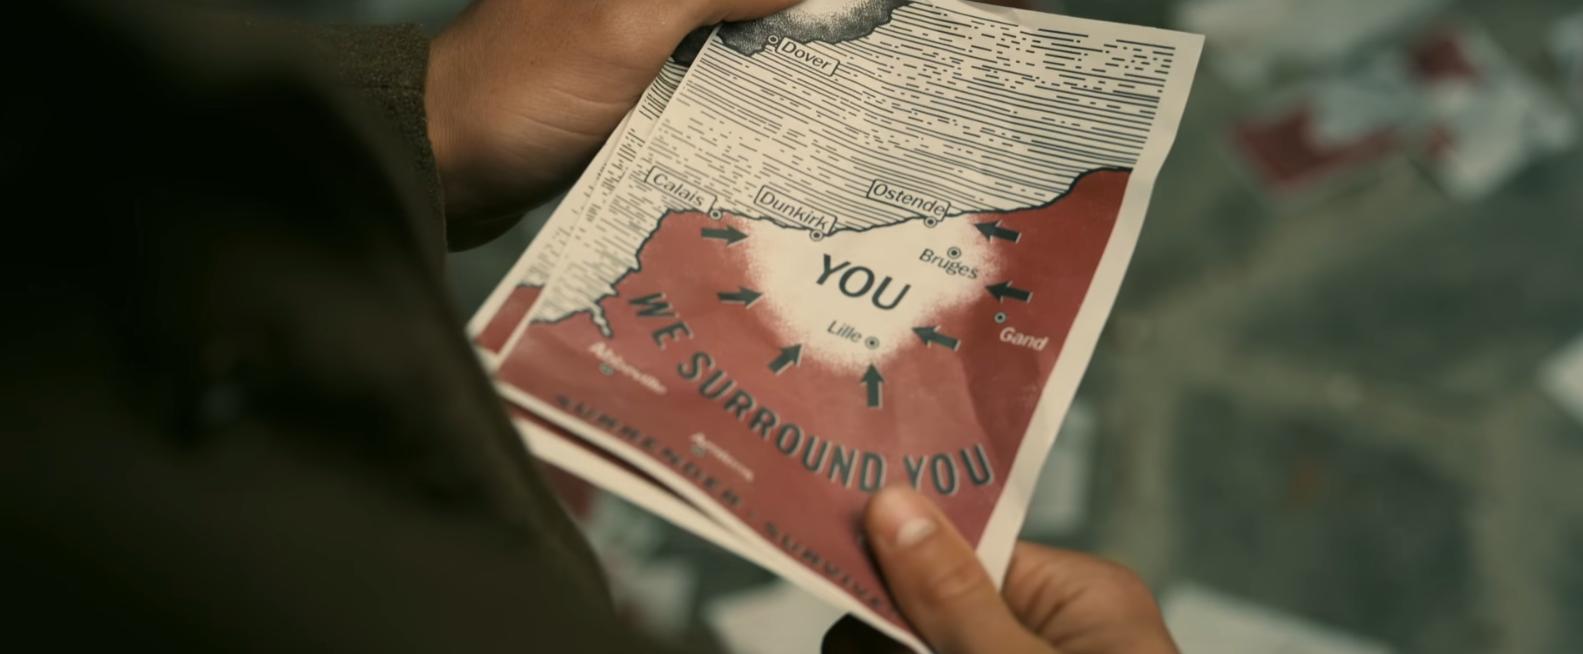 Cena de trailer do filme 'Dunkirk' (Foto: Reprodução/Youtube)